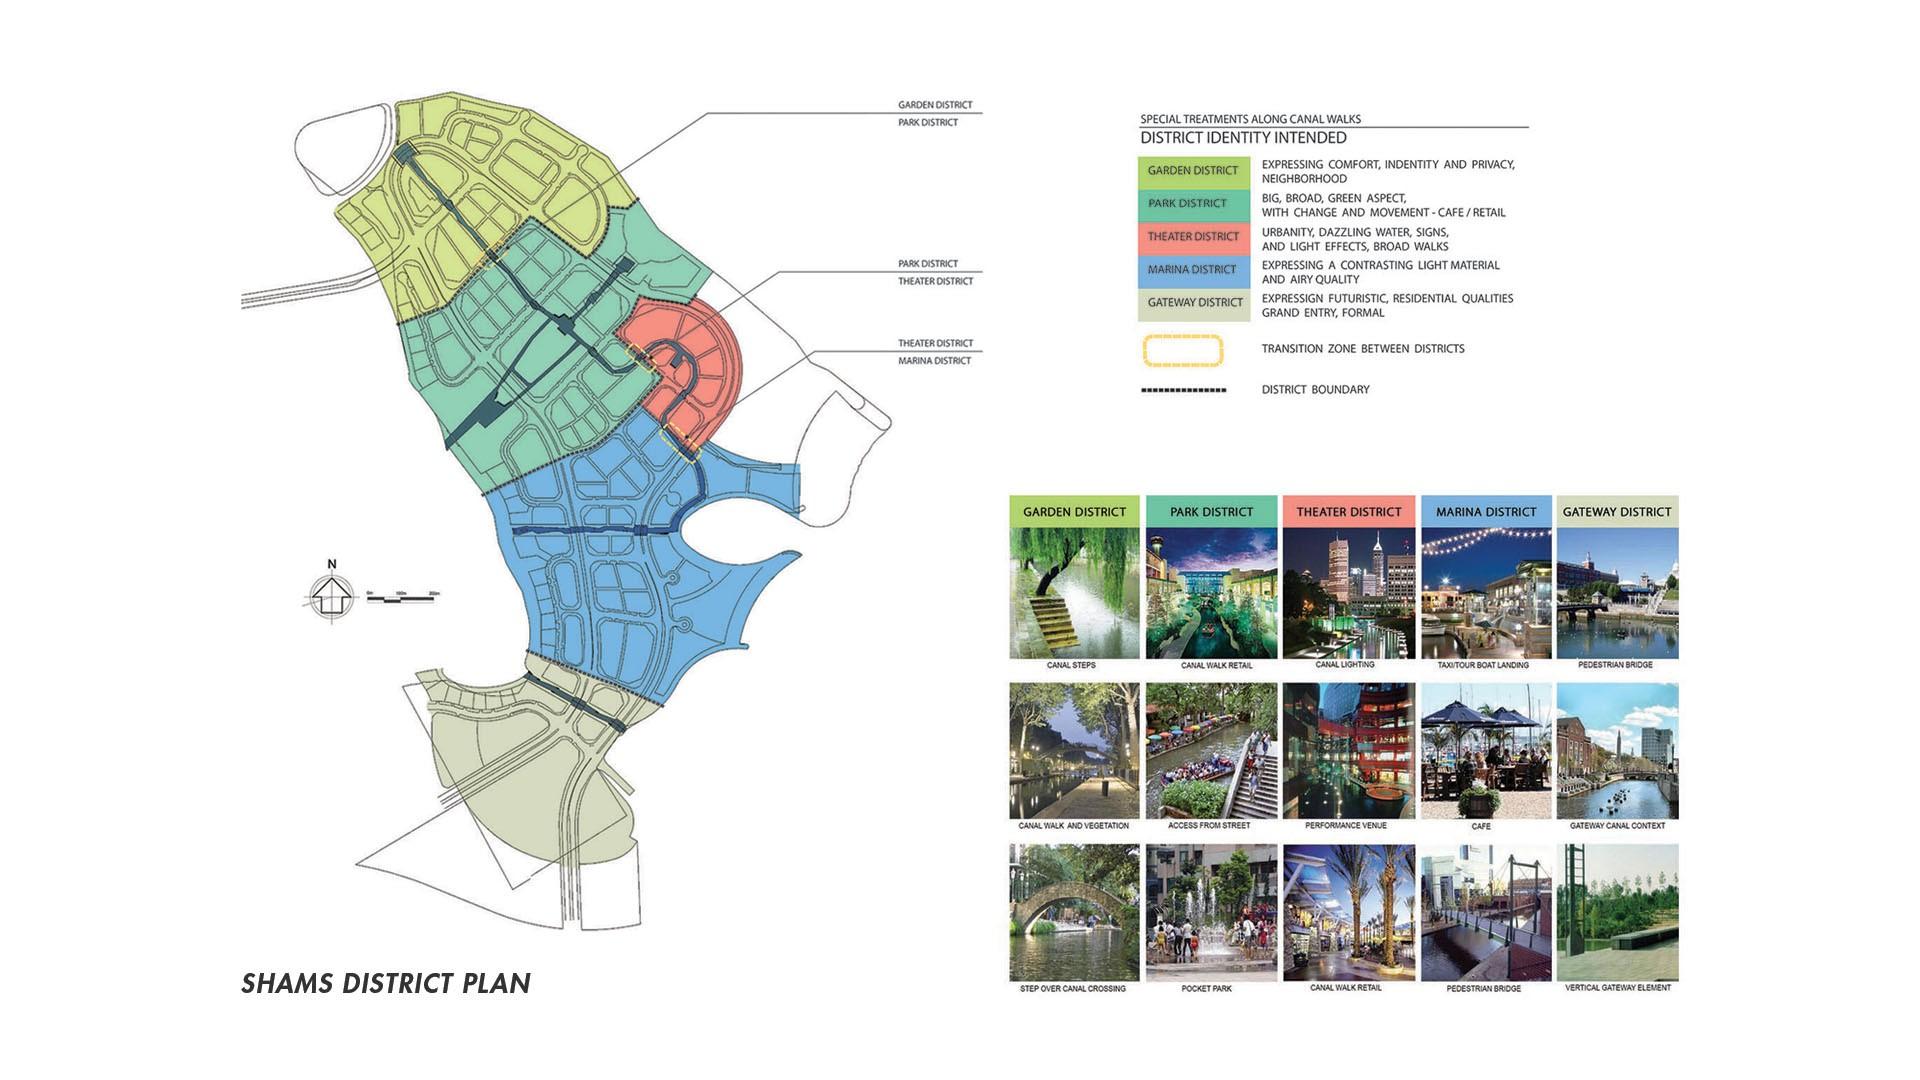 Shams_district site plan